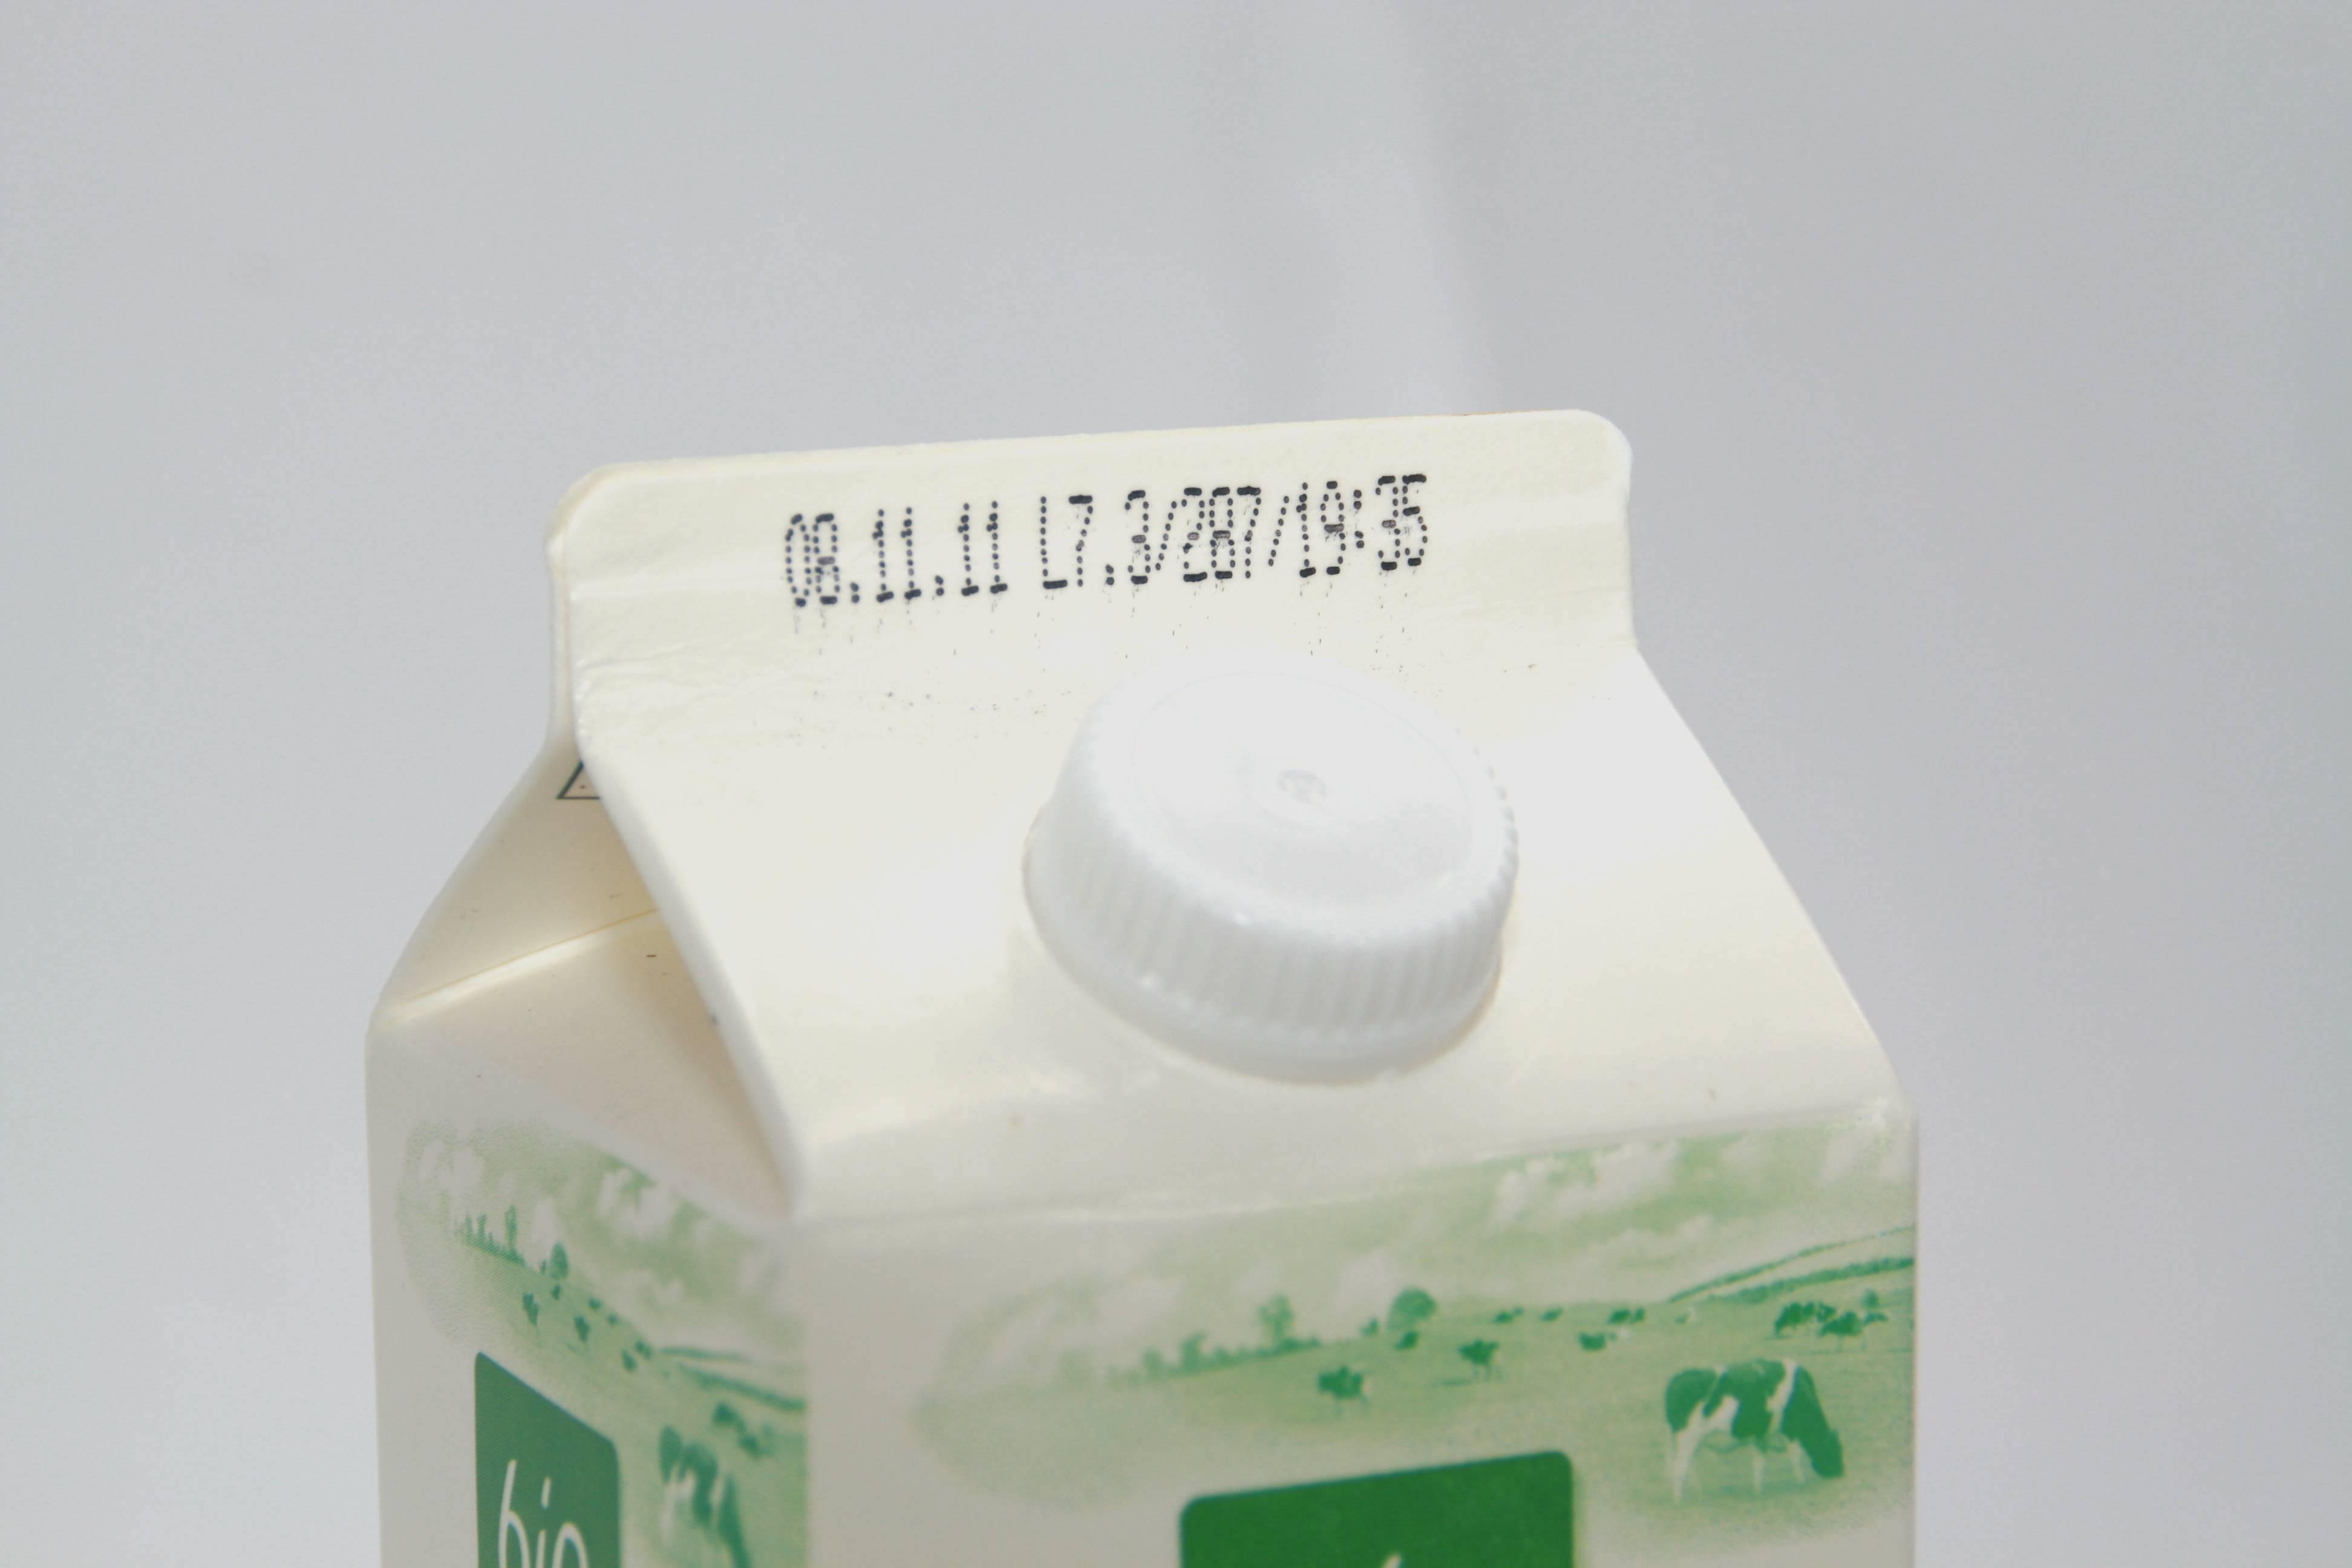 Mindesthaltbarkeitsdatum auf Milchkarton